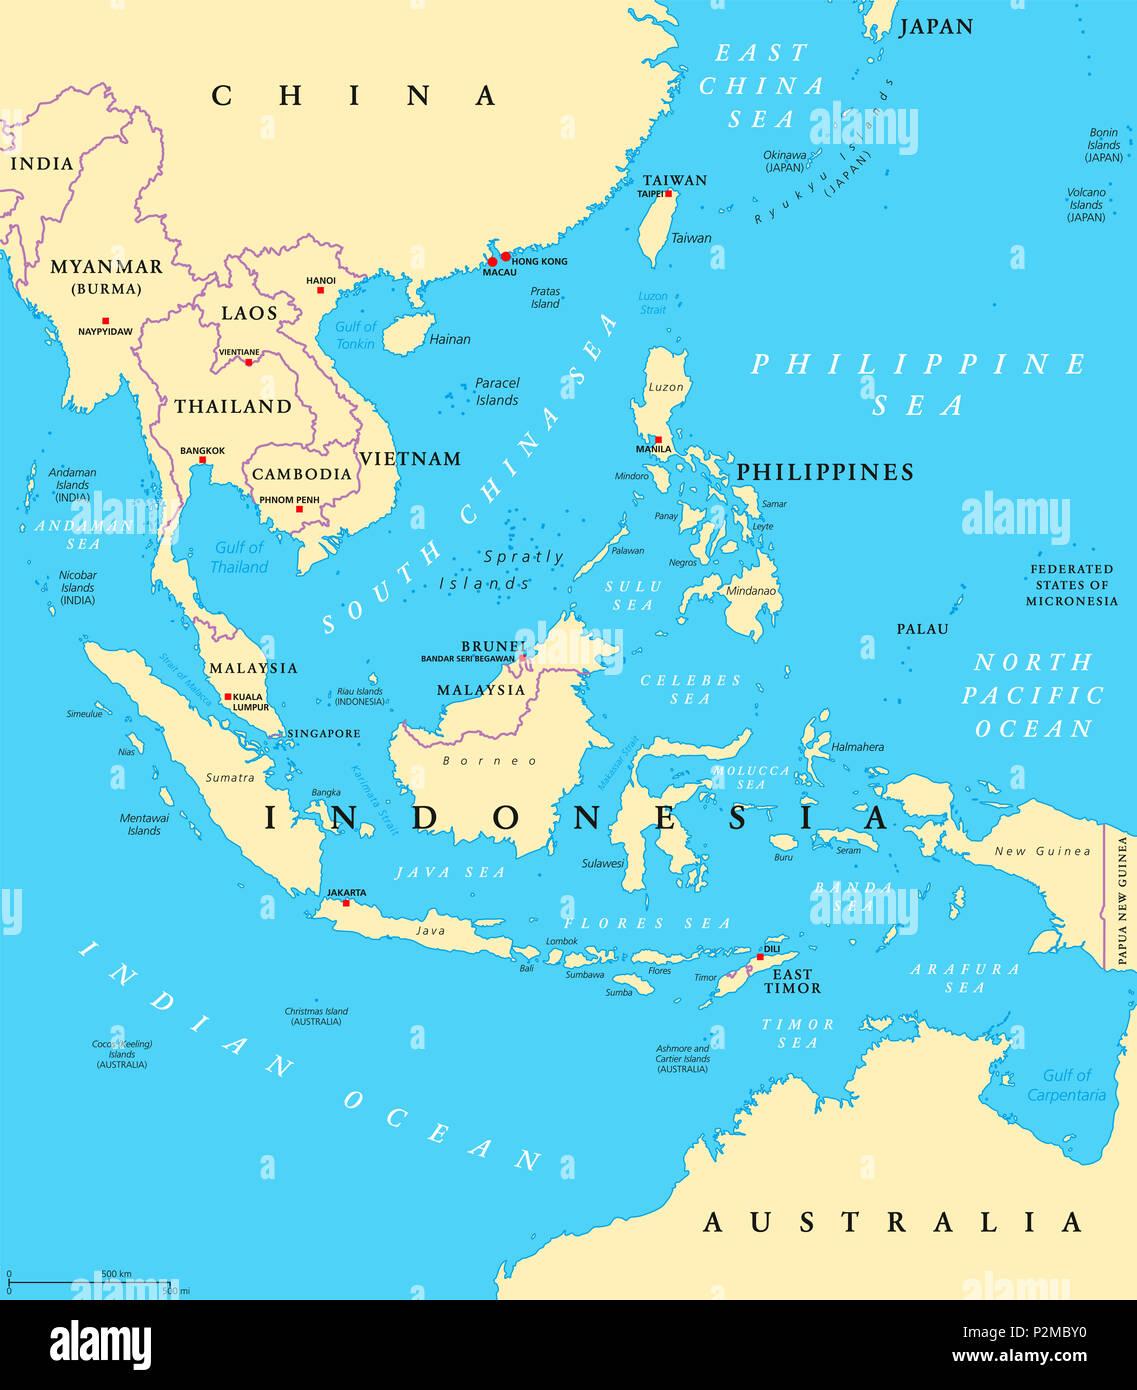 Asia Orientale Cartina Politica.Sud Est Asiatico Mappa Politico Con Capitelli E Frontiere